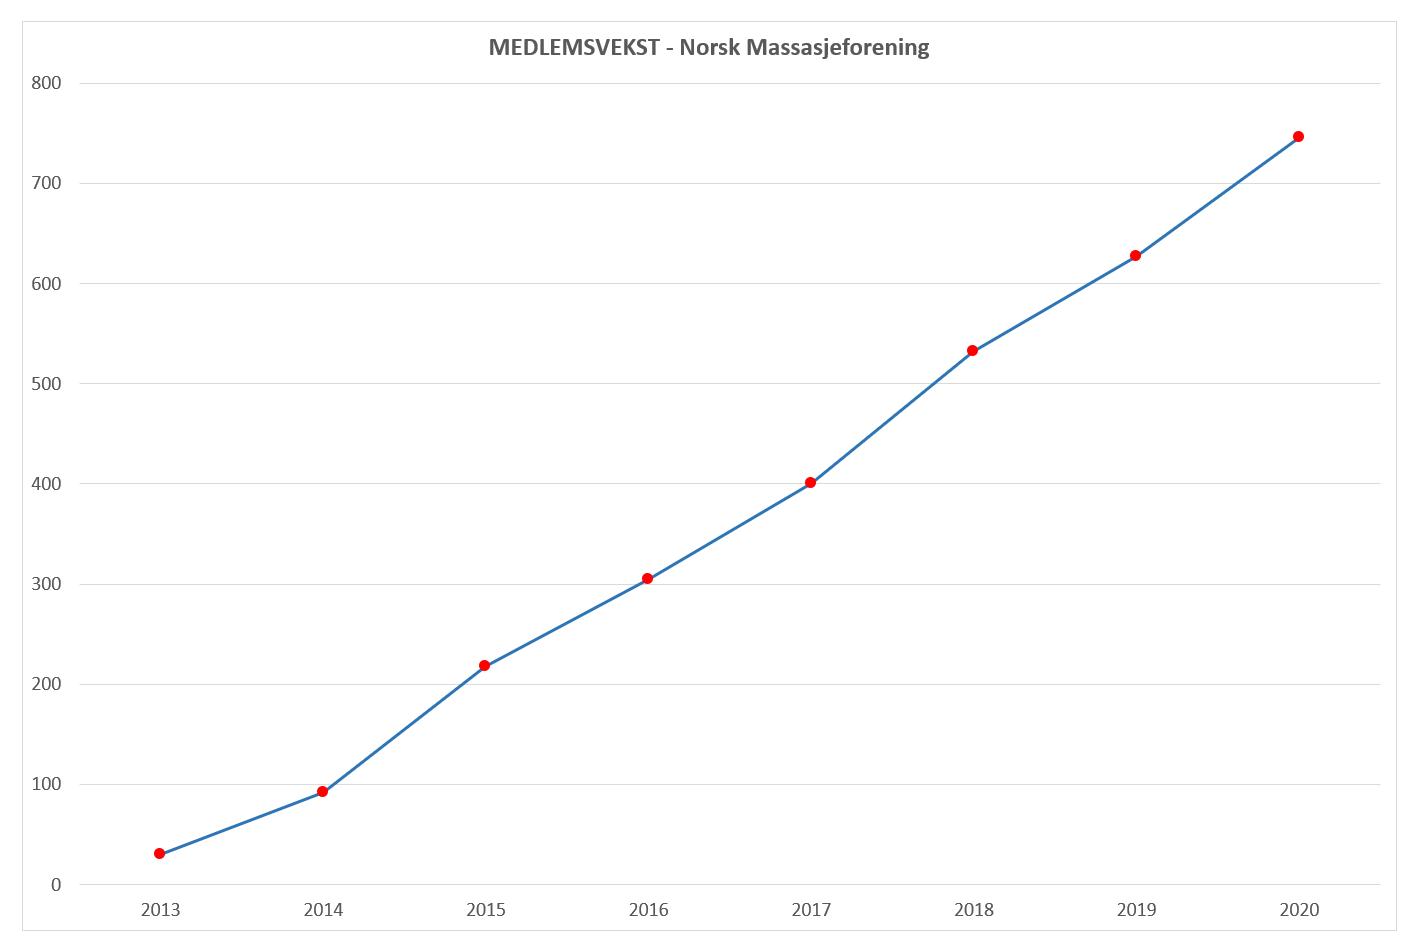 Medlemsvekst 2020 Norsk Massasjeforening